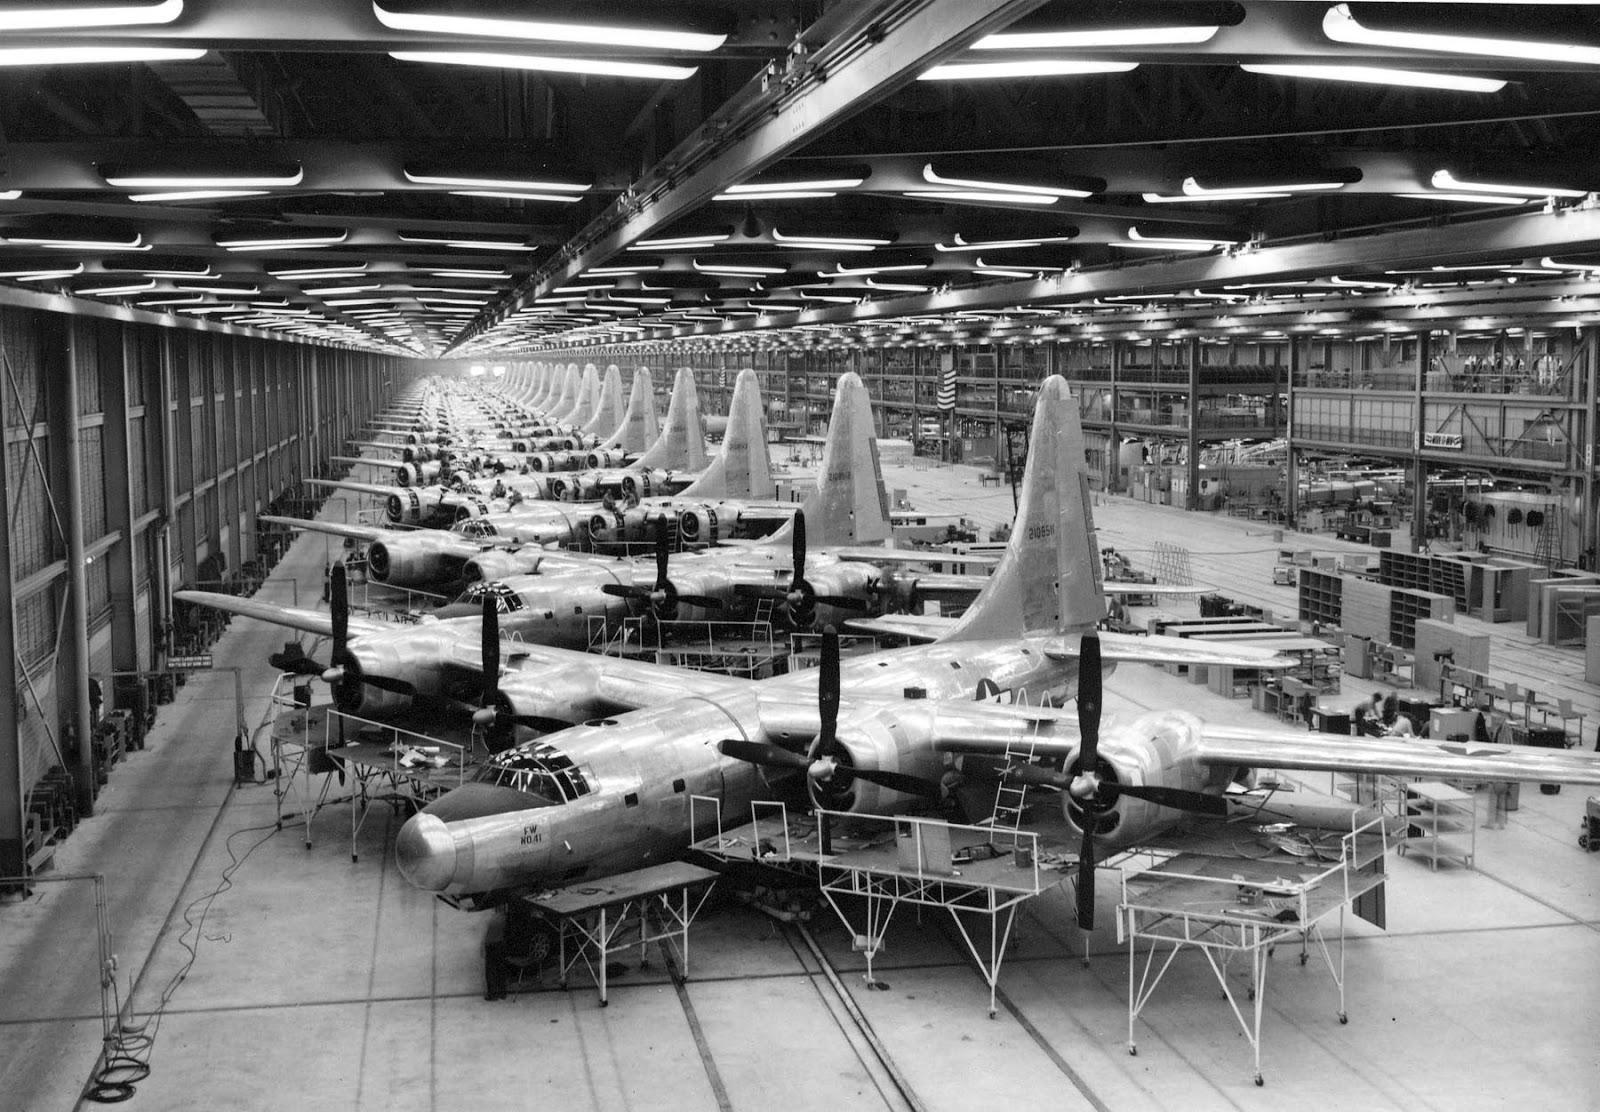 B-32 in 1944